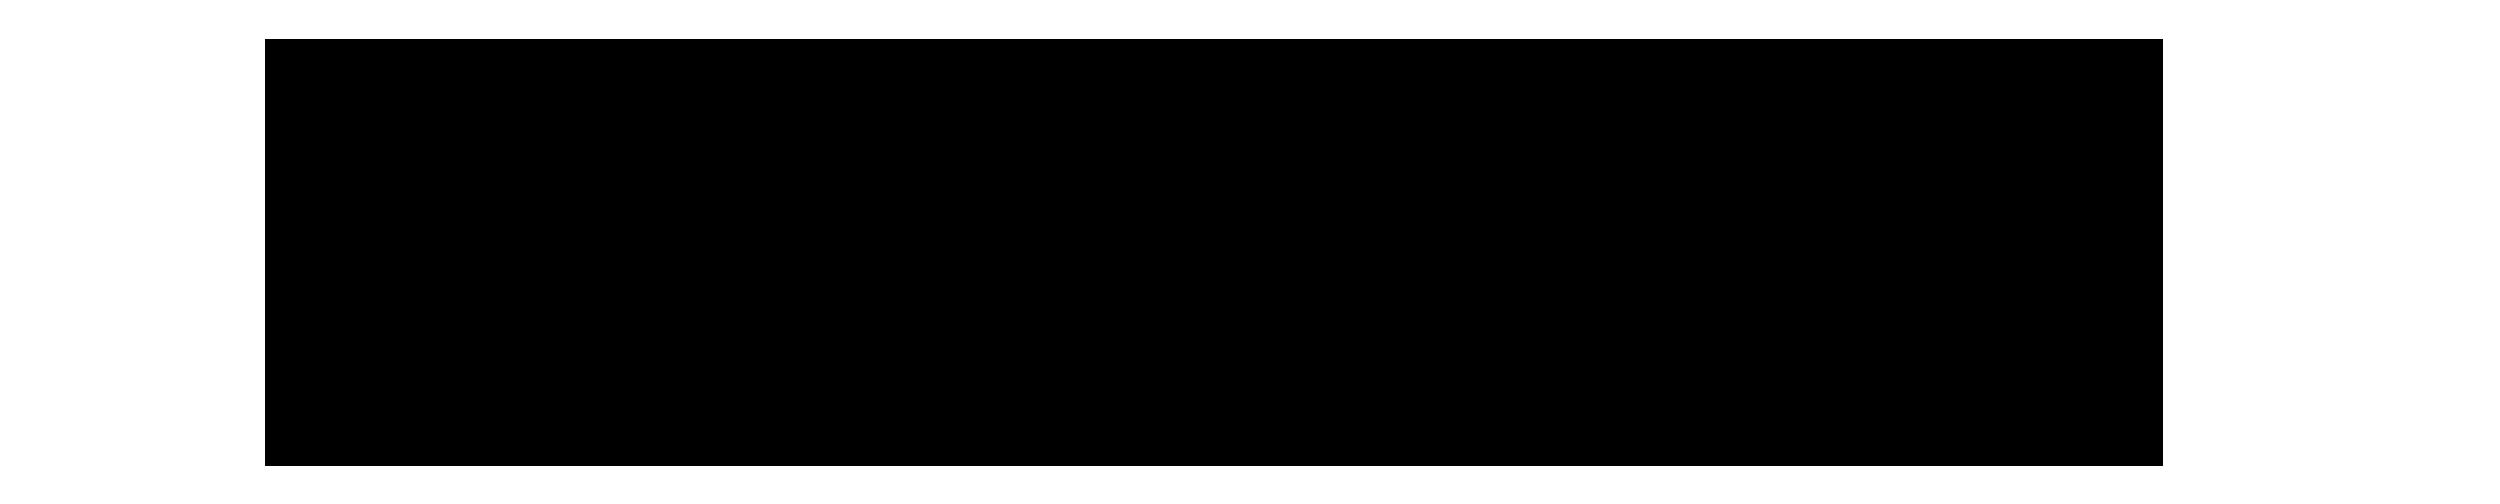 wineisfun-black.png